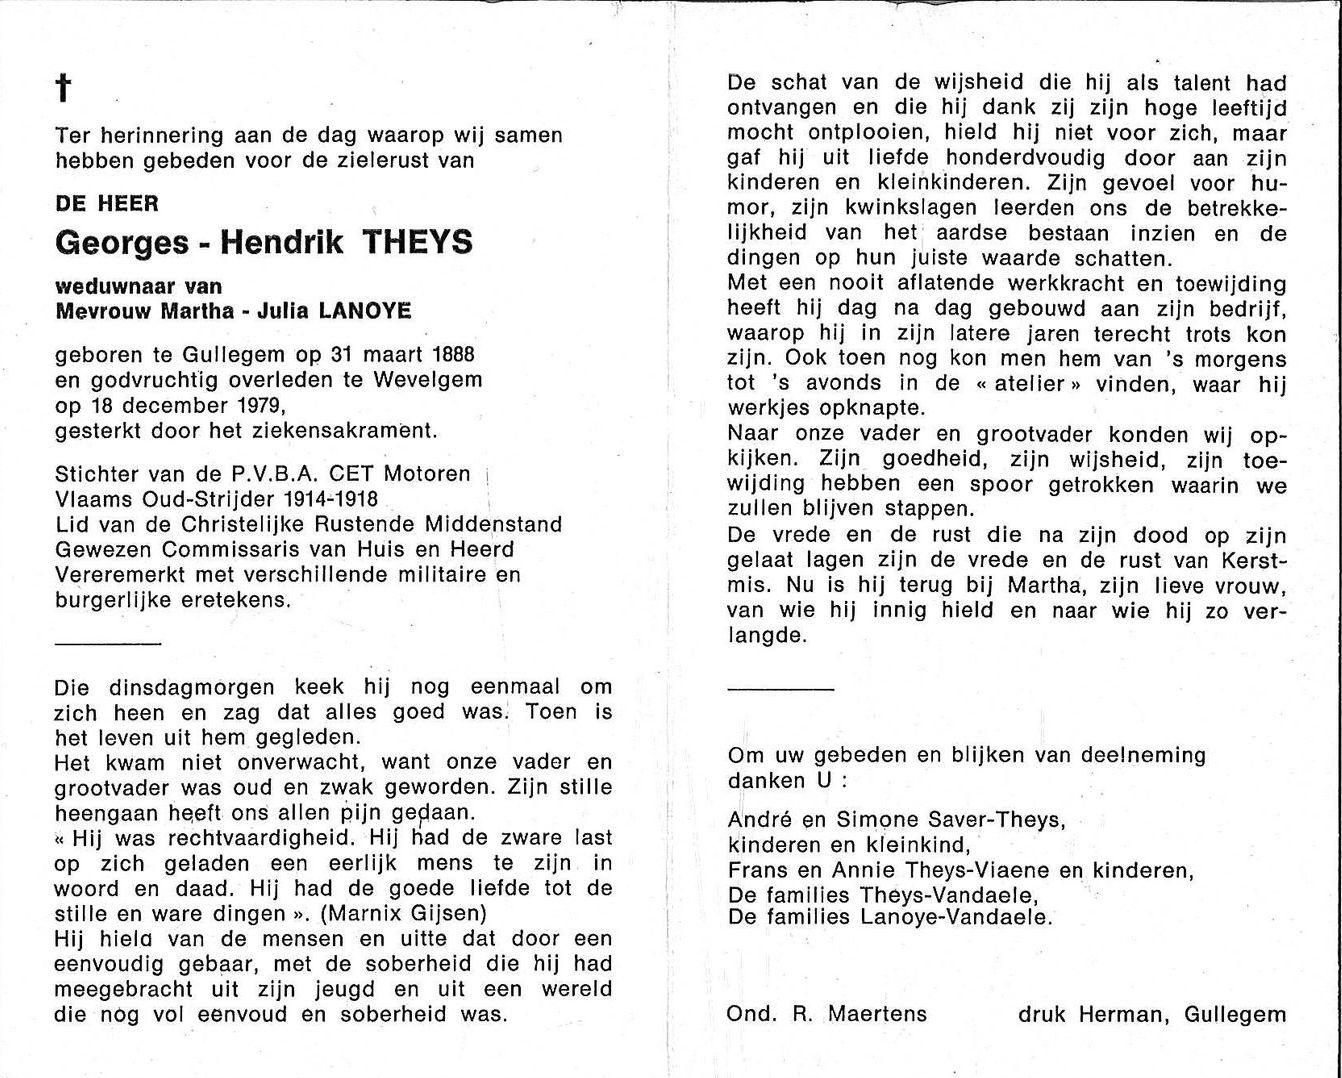 Georges-Hendrik Theys